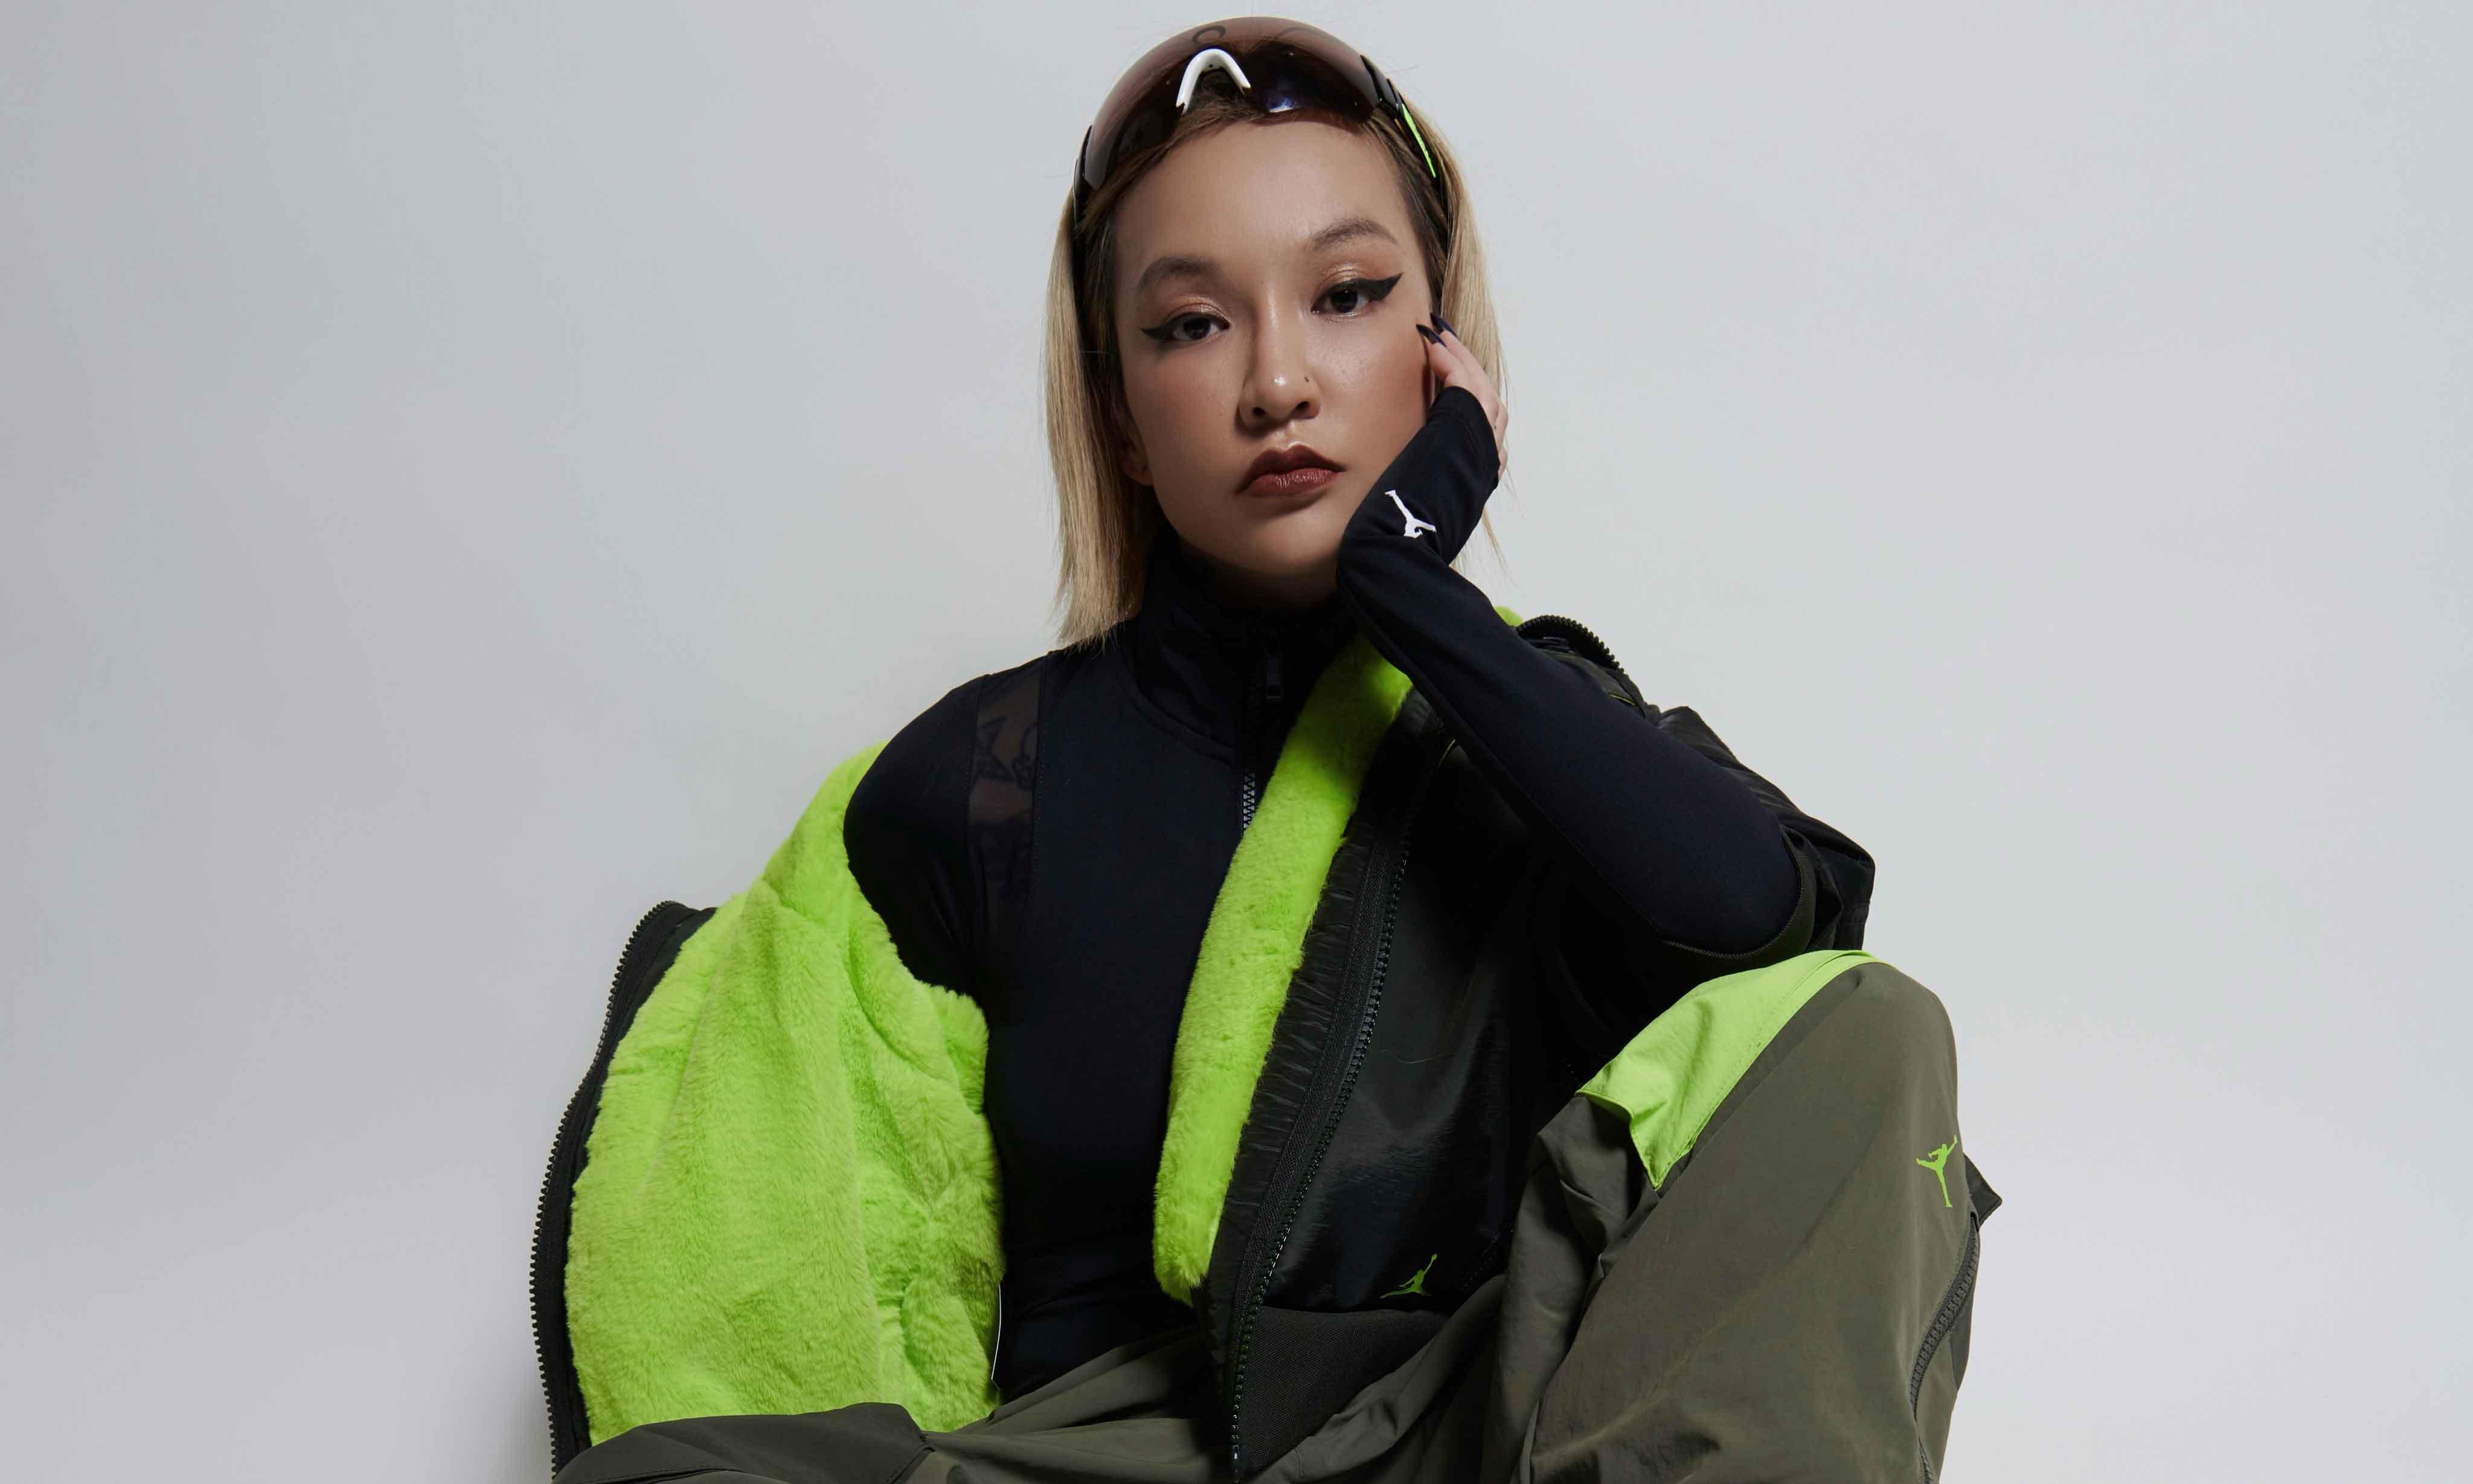 飞翔不落单 ,Jordan Brand WMNS 2020 全新女生系列来袭